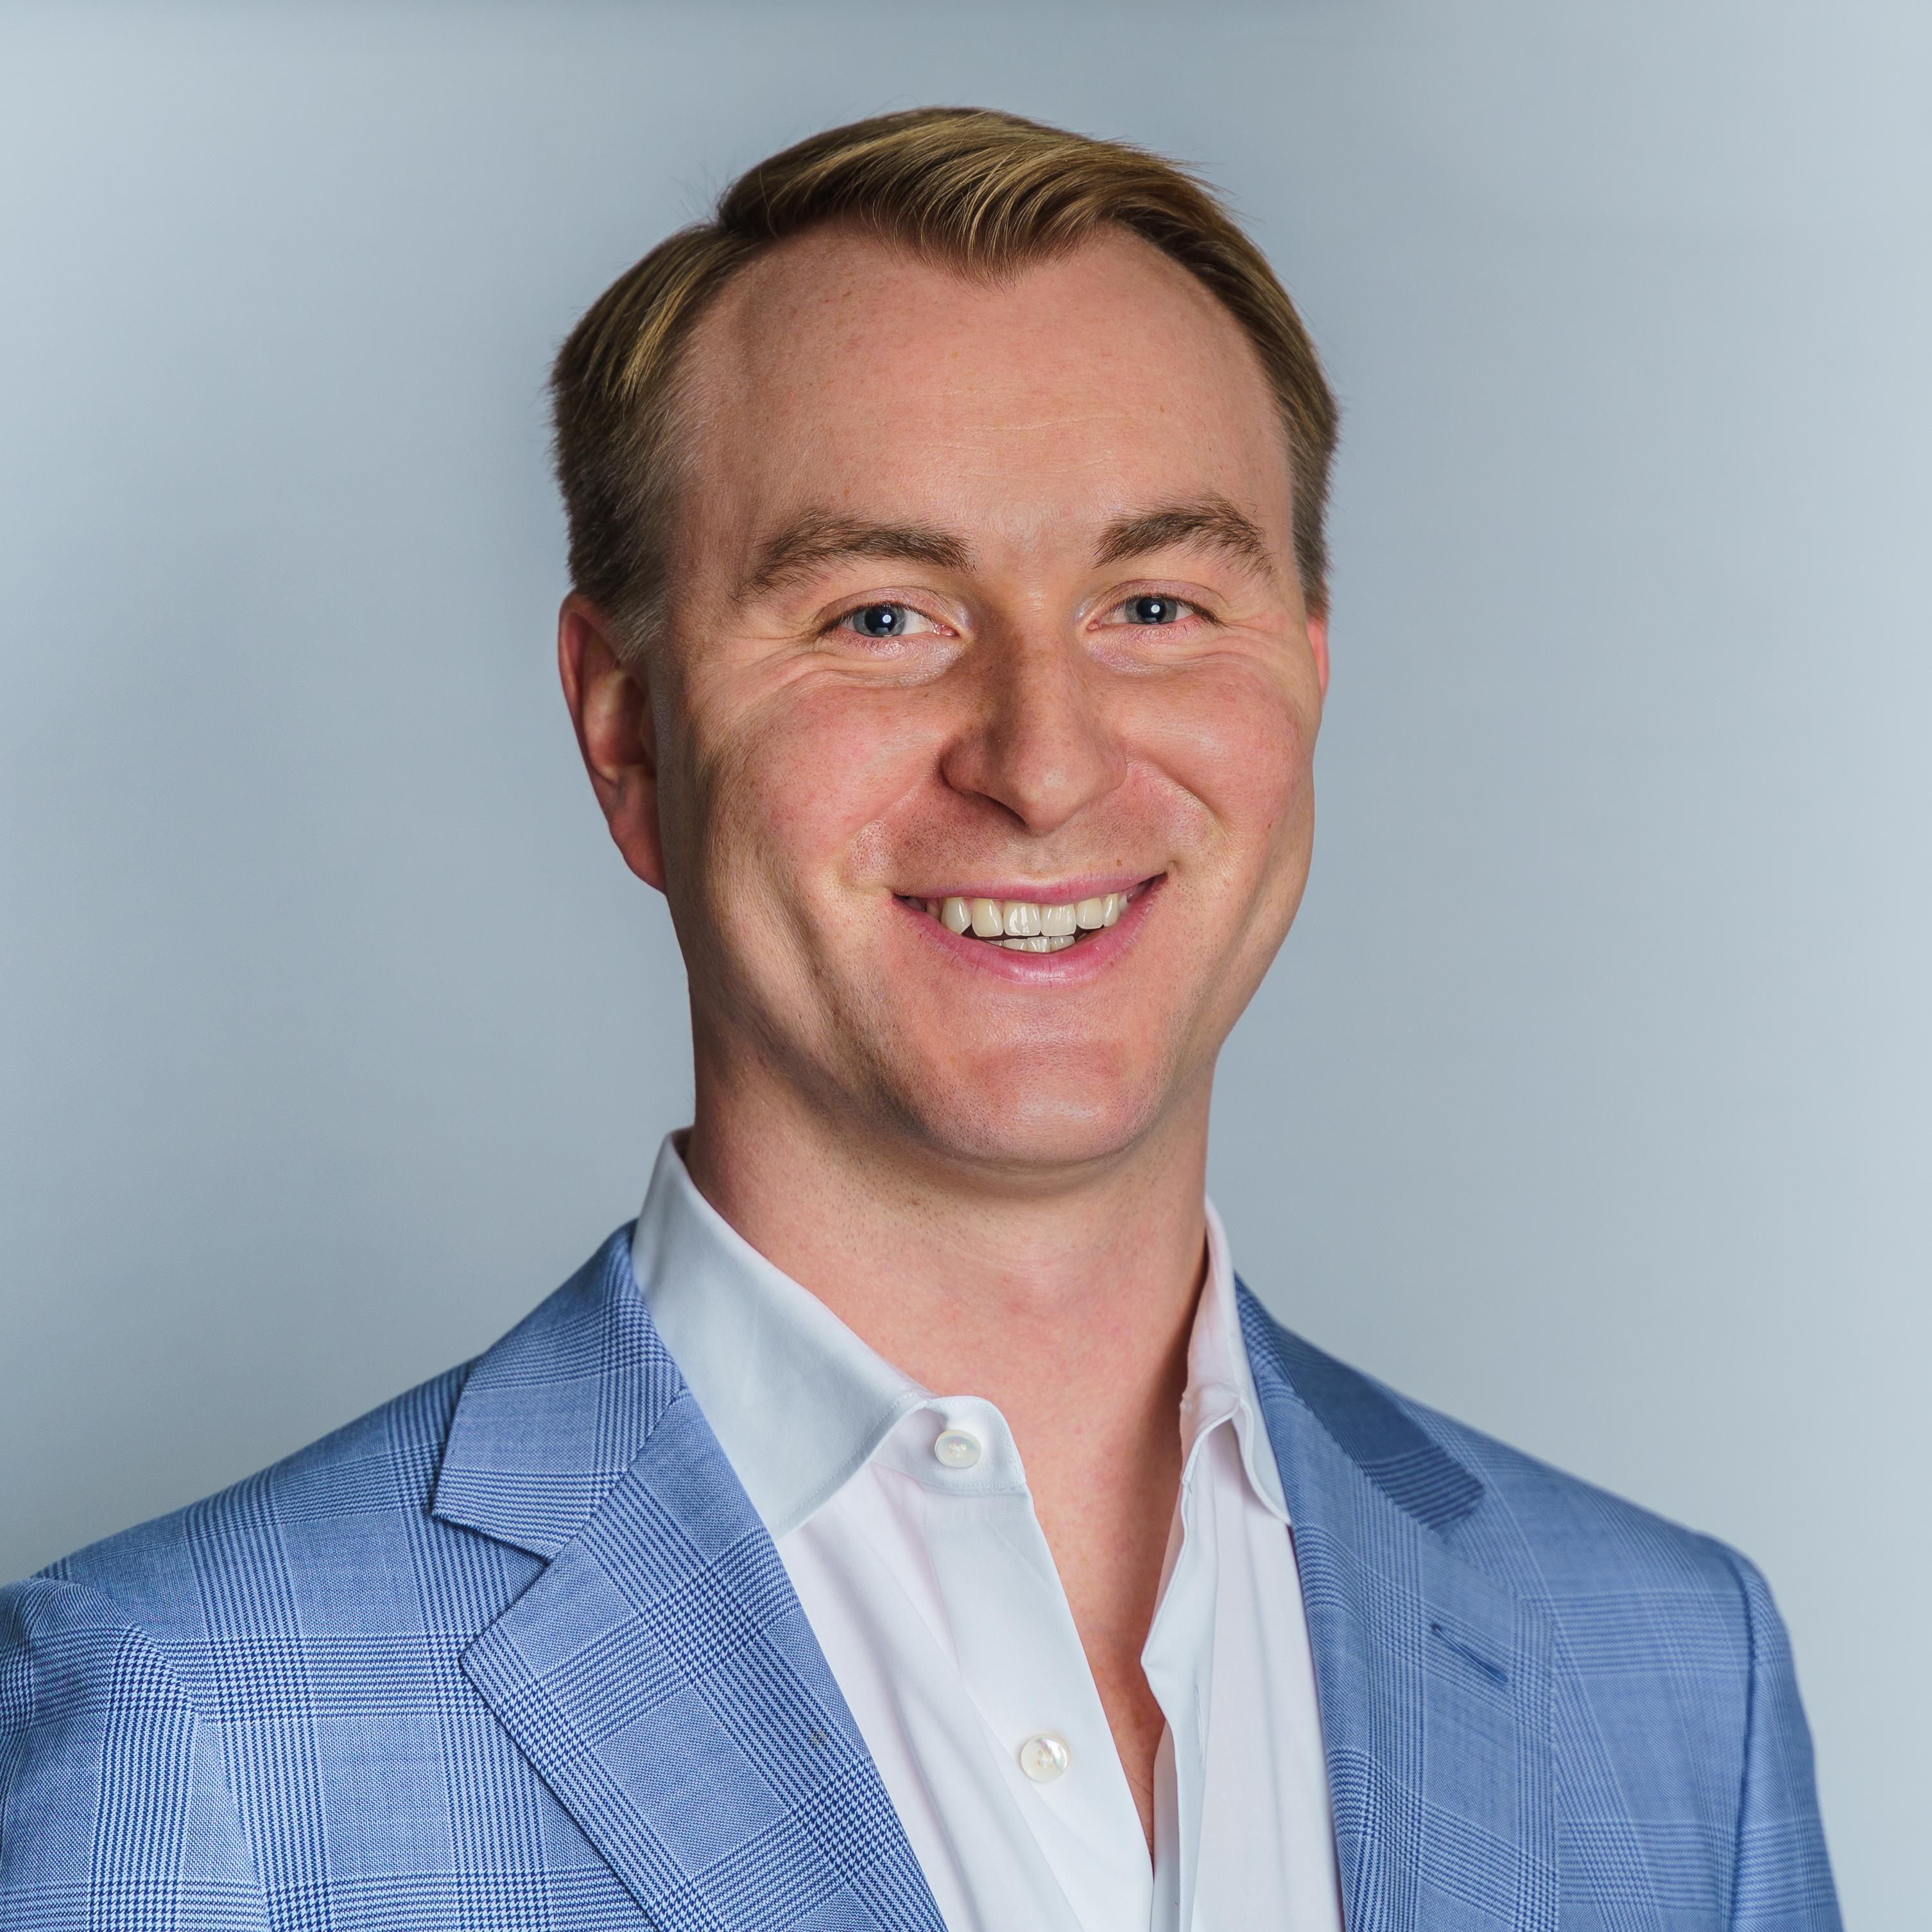 Gavin Wegner